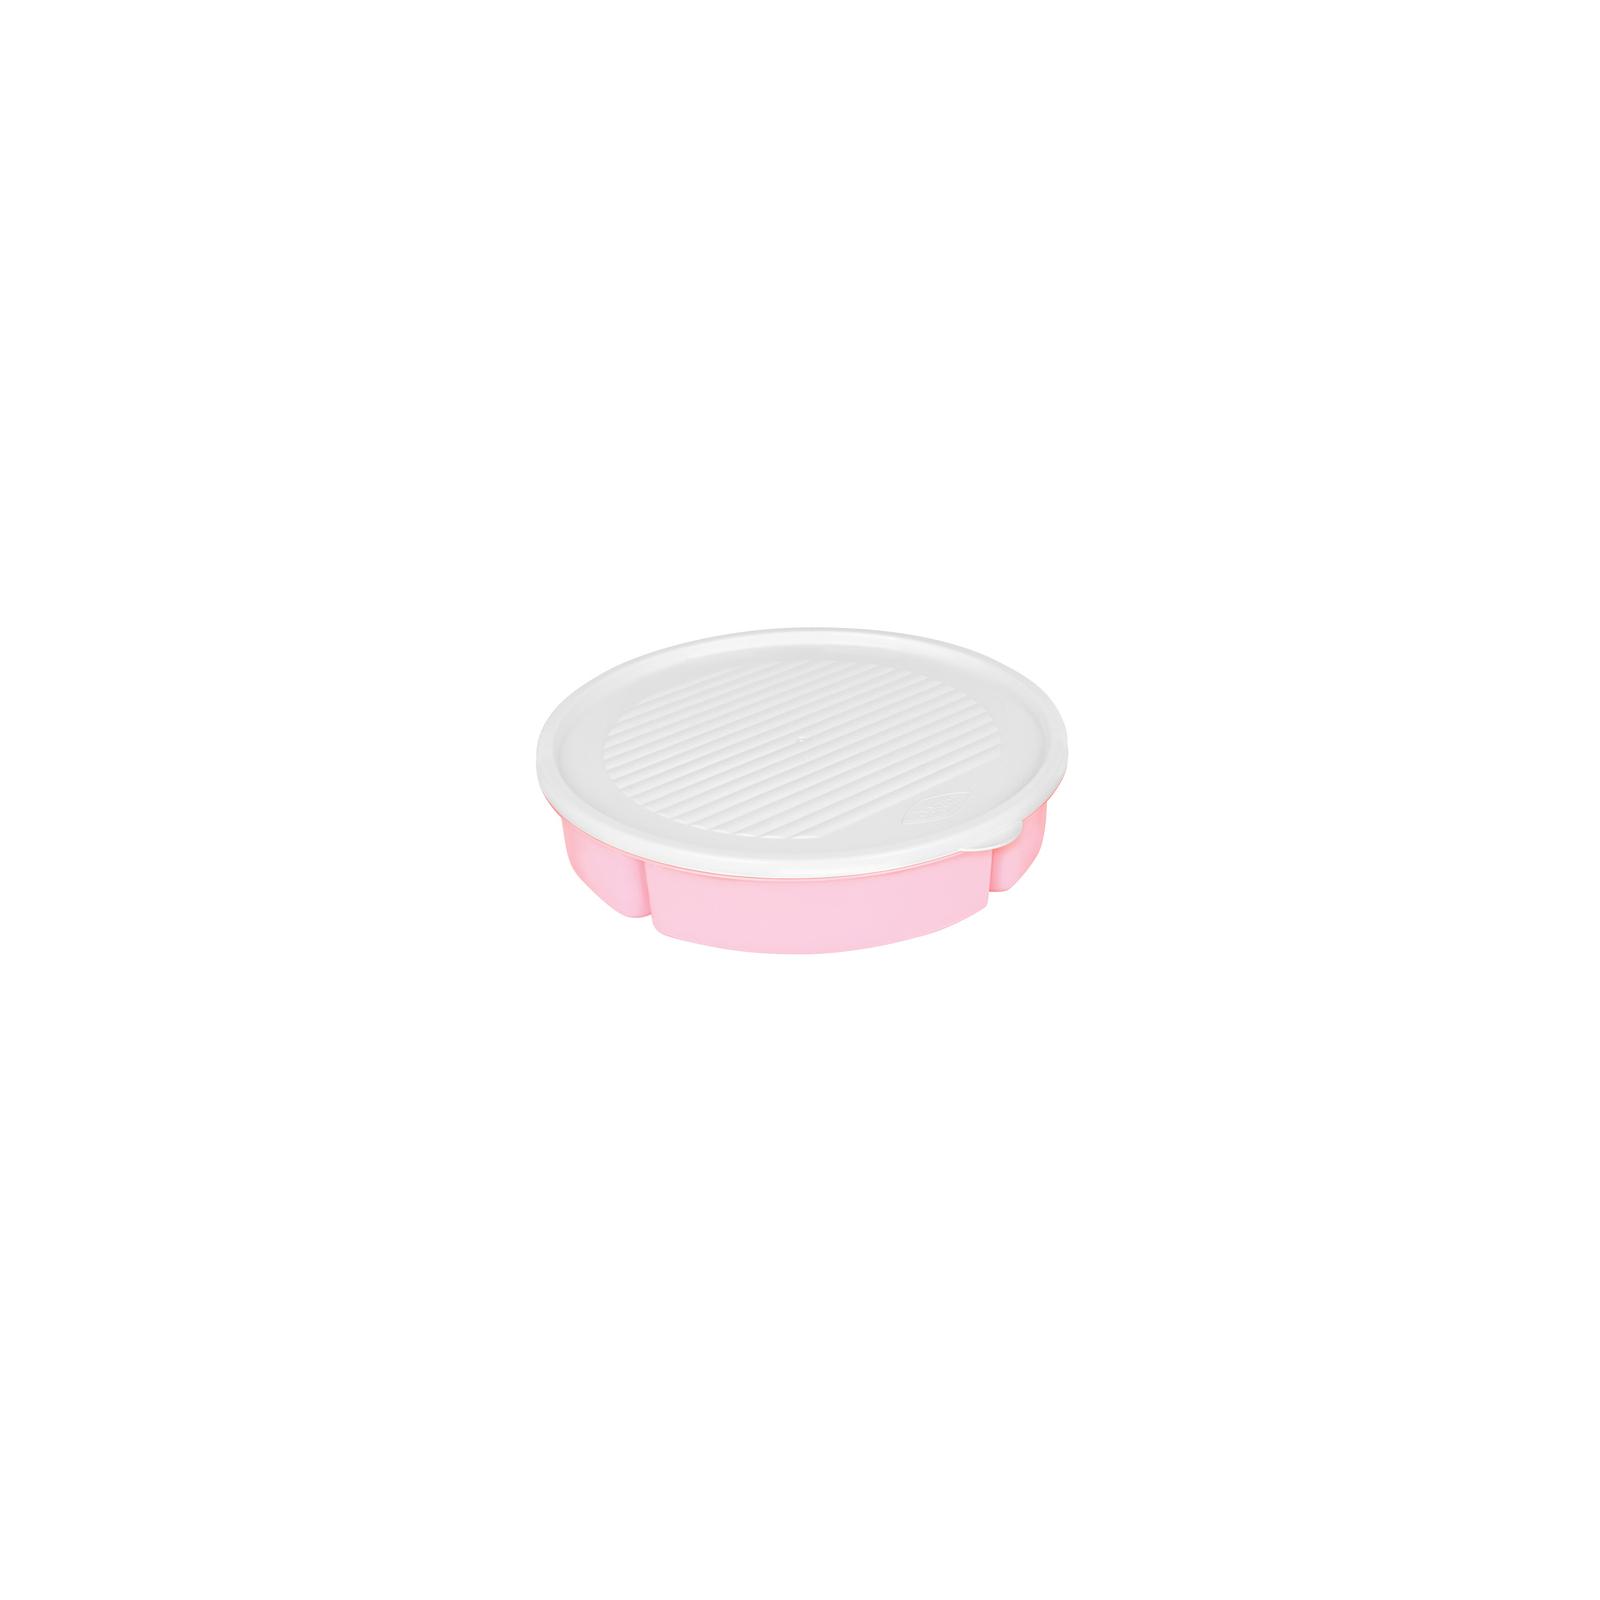 Пищевой контейнер Bager 5 отделений по 400 мл White/Pink (BG-394 P)